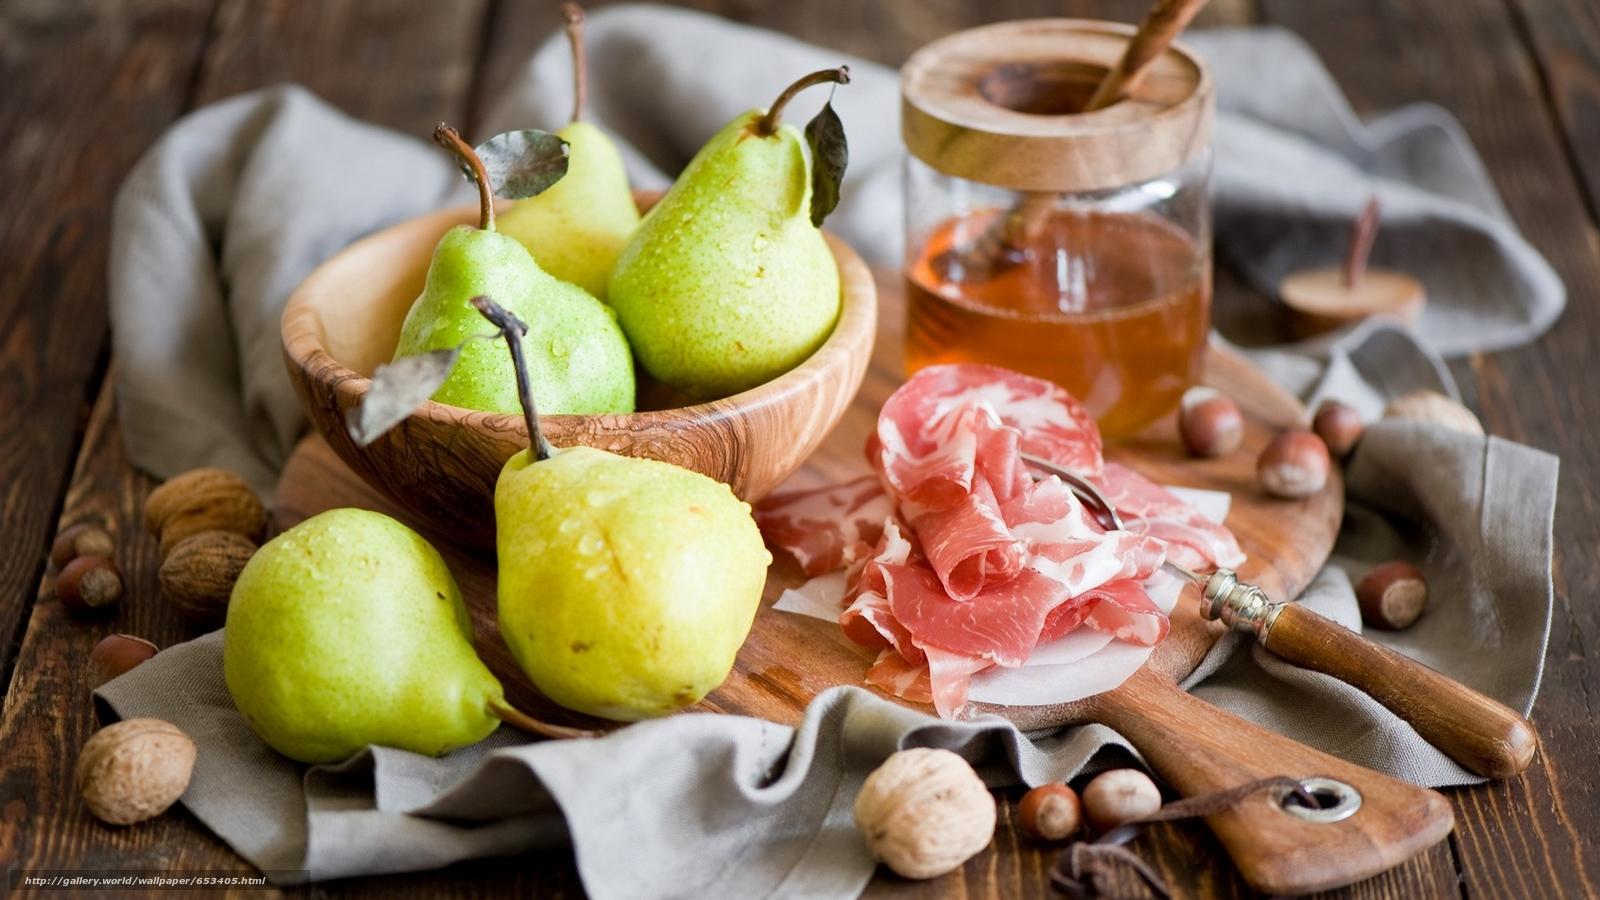 Скачать обои груши,  мясо,  посуда,  фрукты бесплатно для рабочего стола в разрешении 1920x1080 — картинка №653405